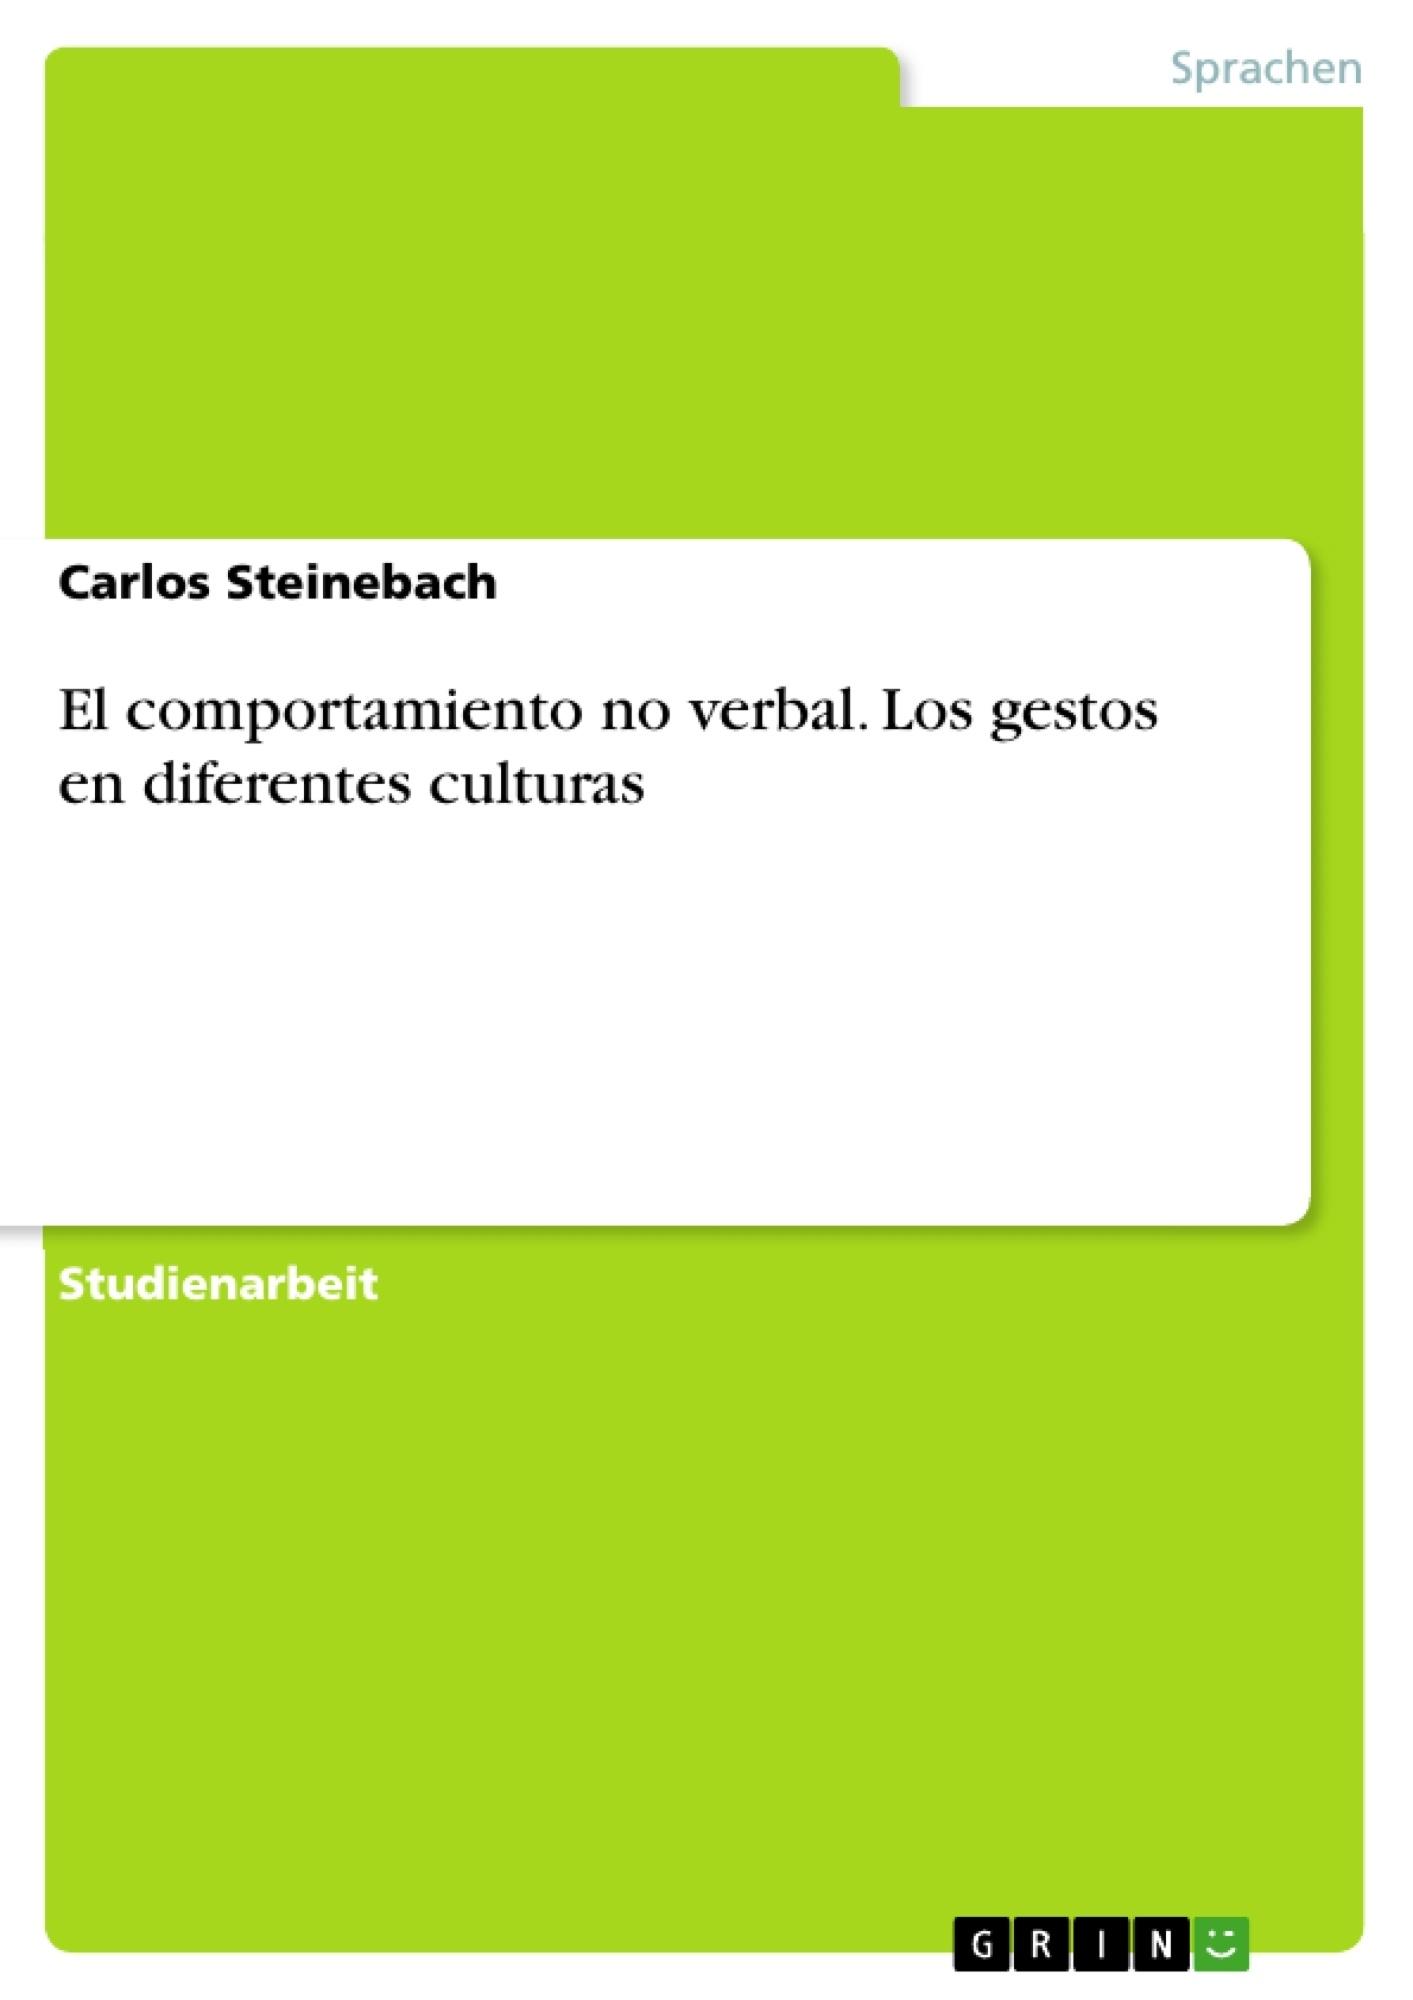 Titel: El comportamiento no verbal. Los gestos en diferentes culturas